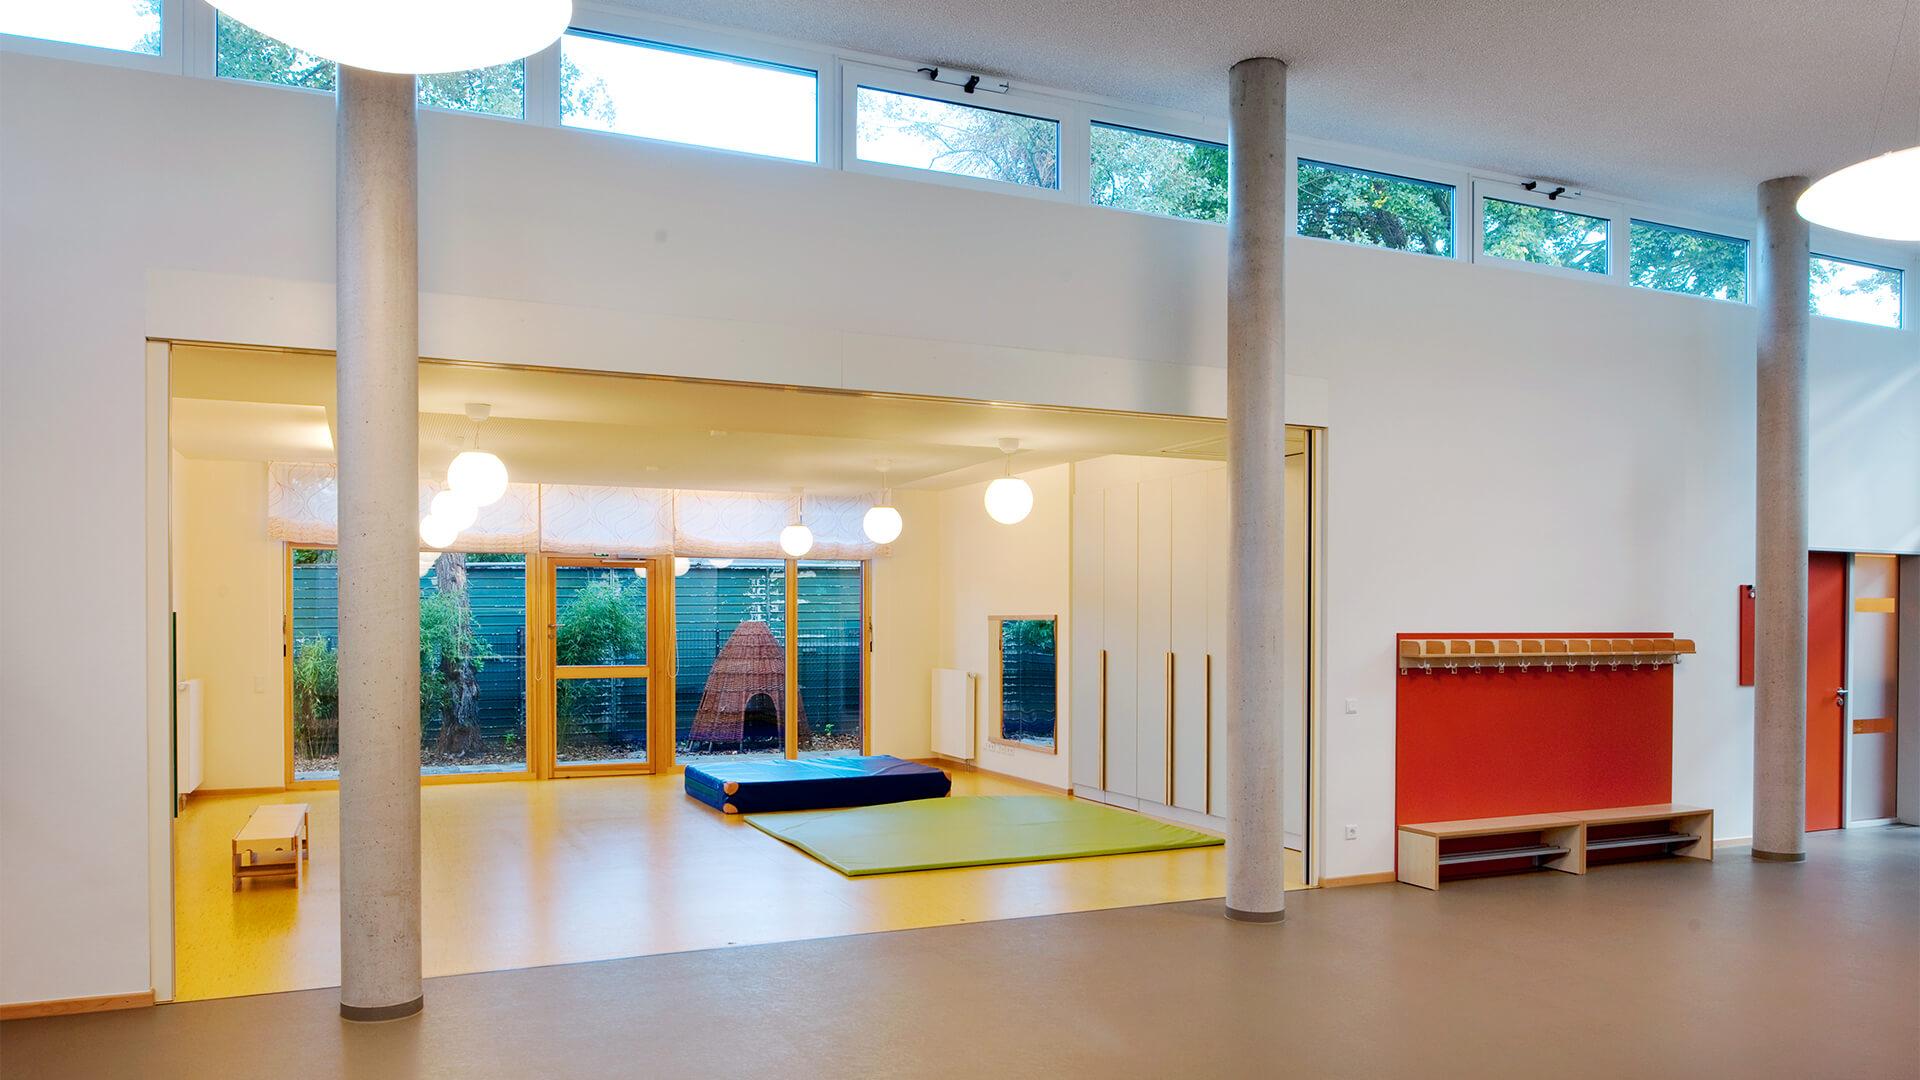 Blick auf die offene Sporthalle / Turnhalle mit dicken Bodenmatten